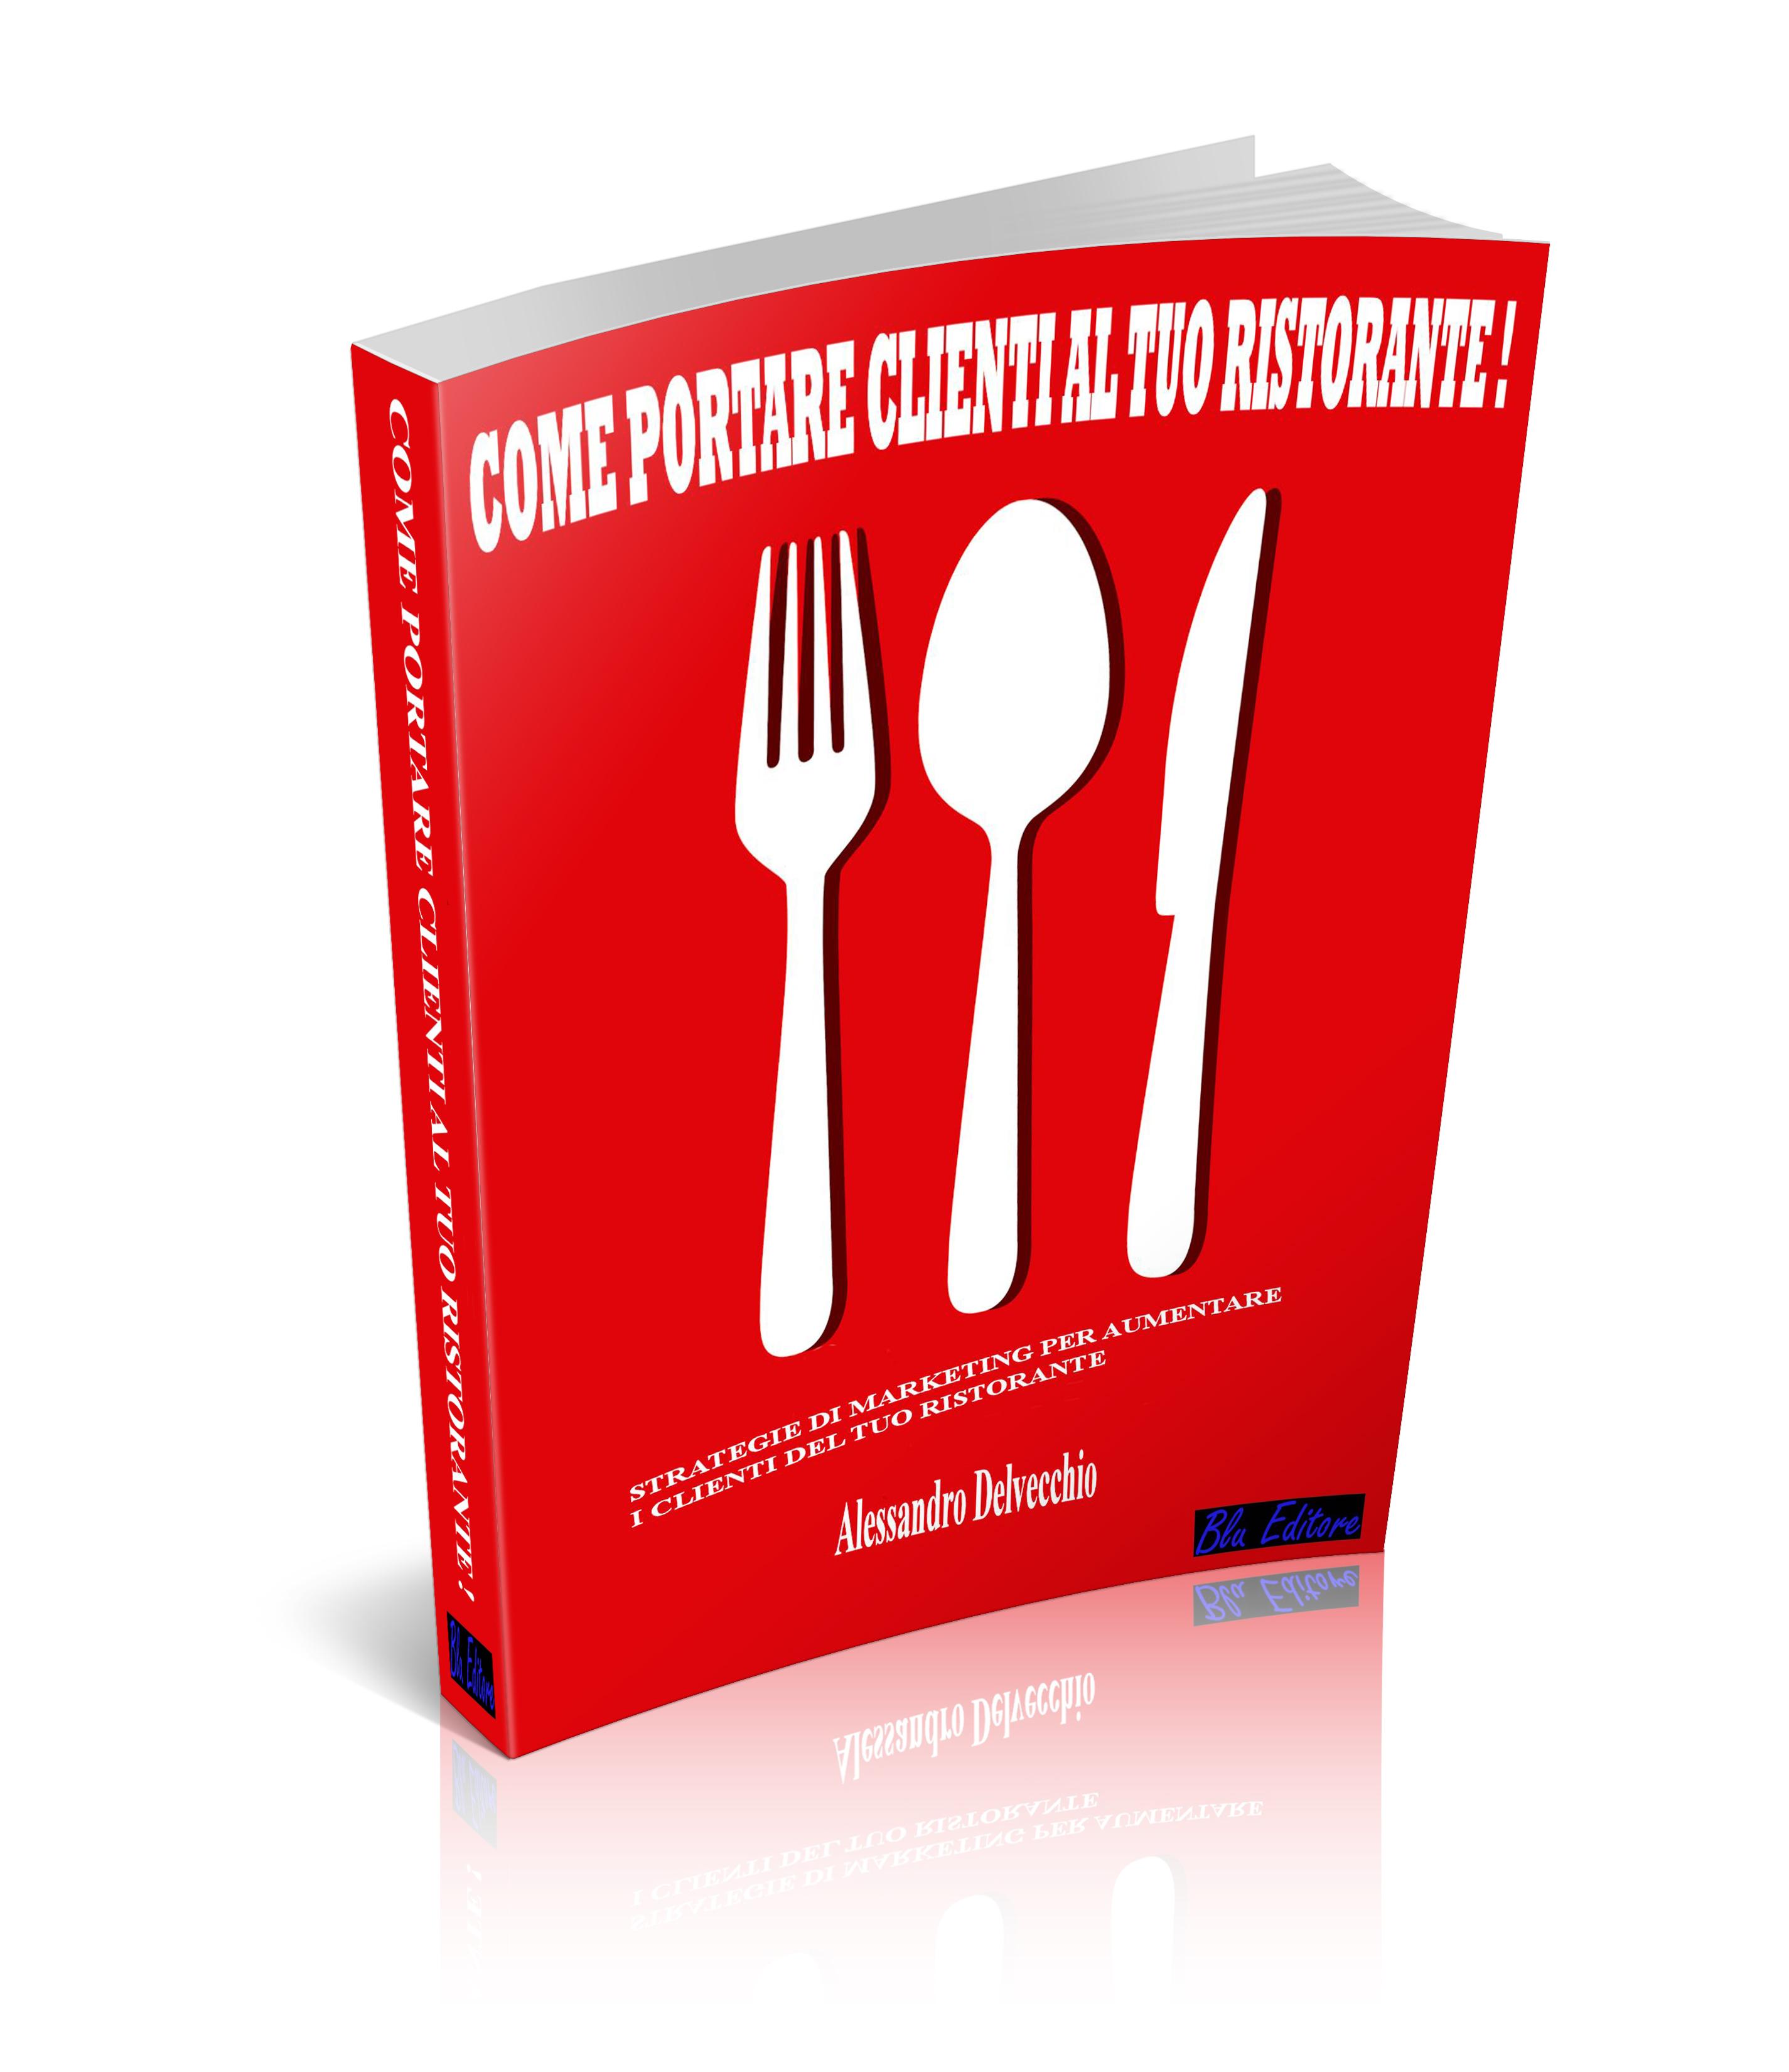 Come portare clienti al tuo ristorante